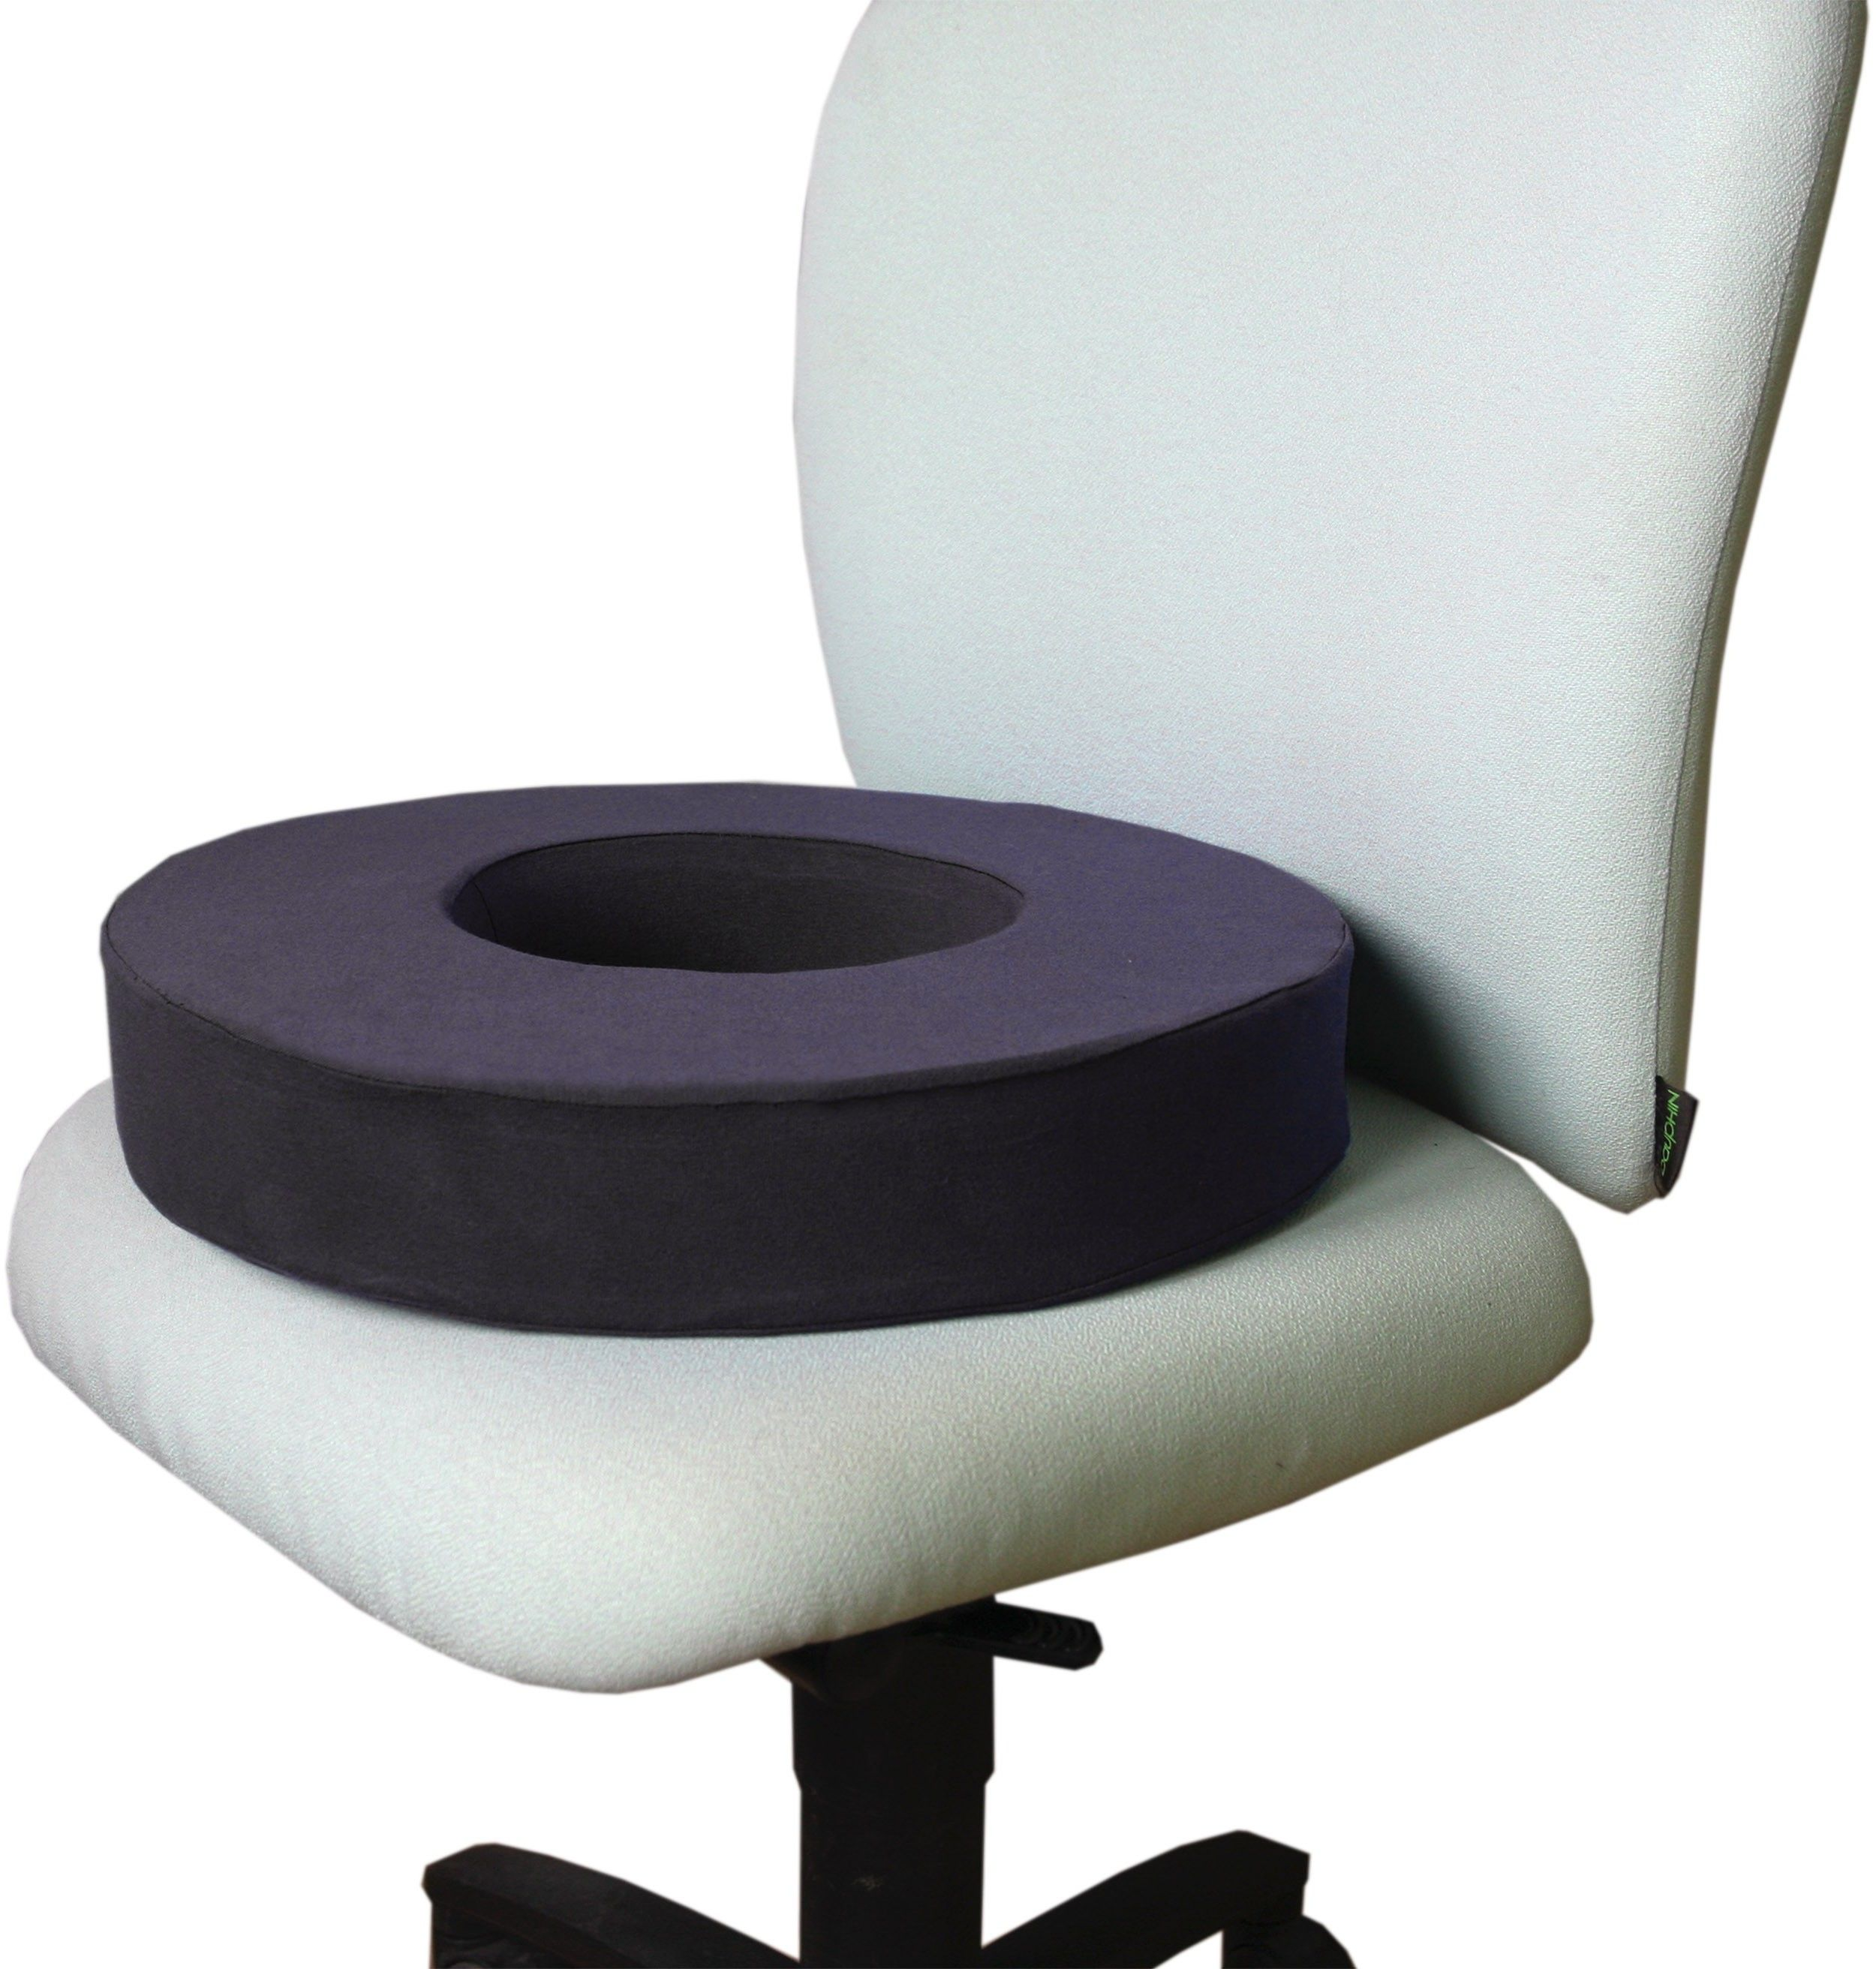 Poduszka przeciwodleżynowa z otworem do siedzenia